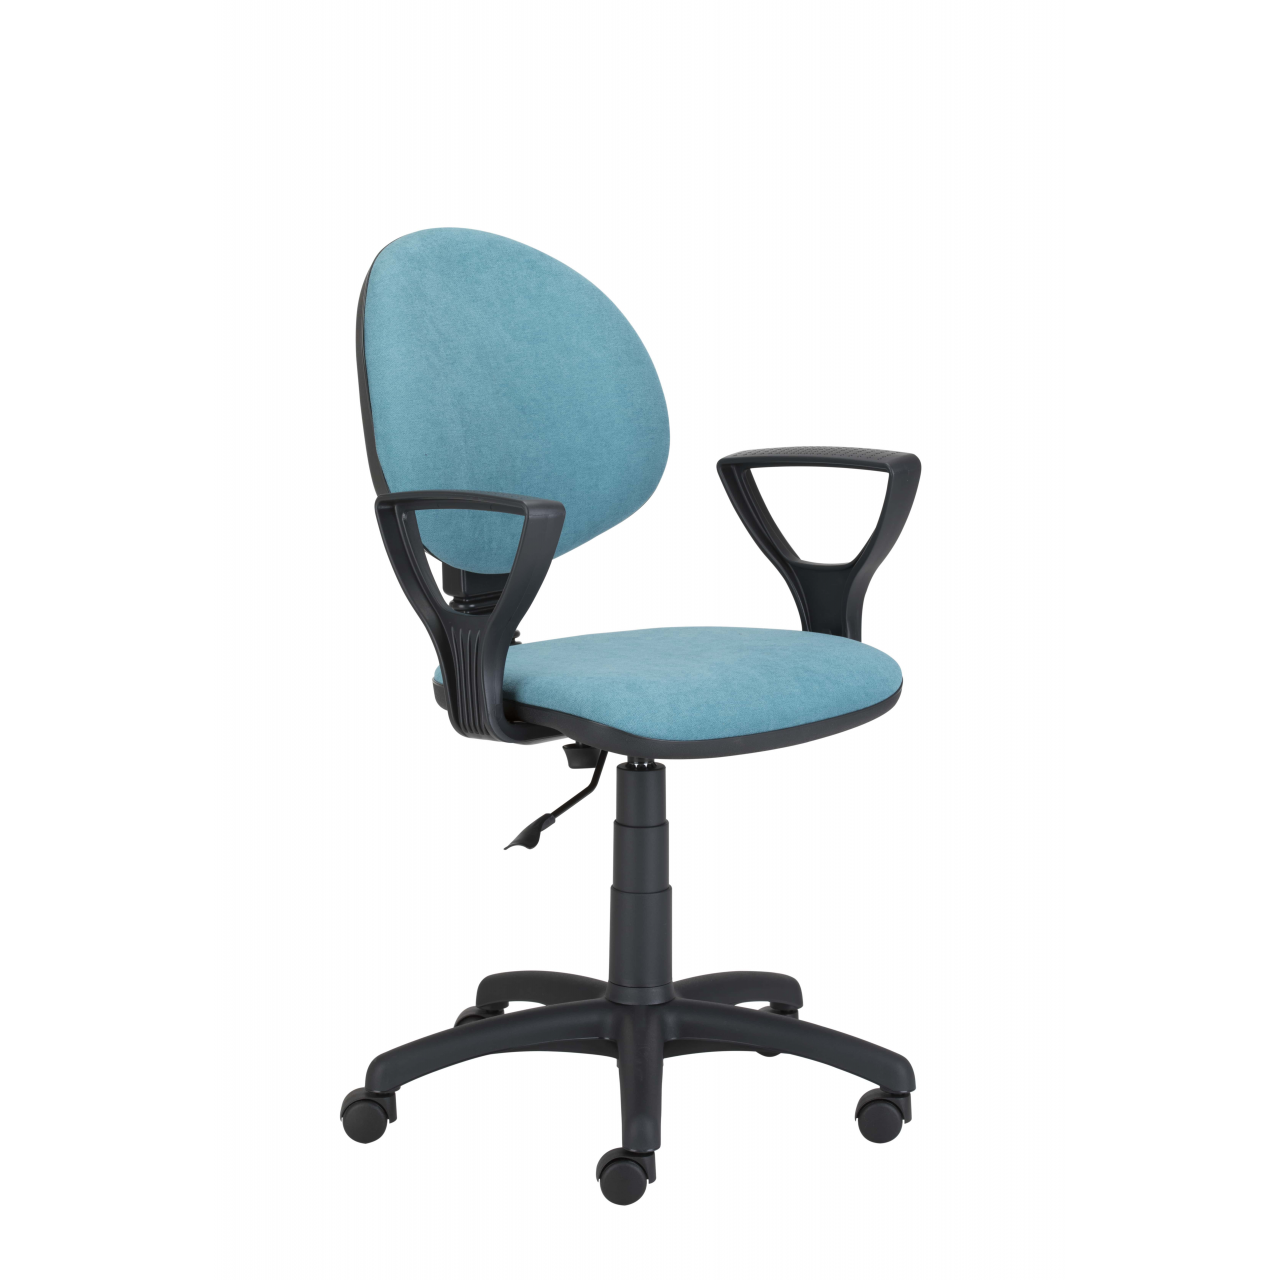 IKSOS szék (türkisz vagy szürke)